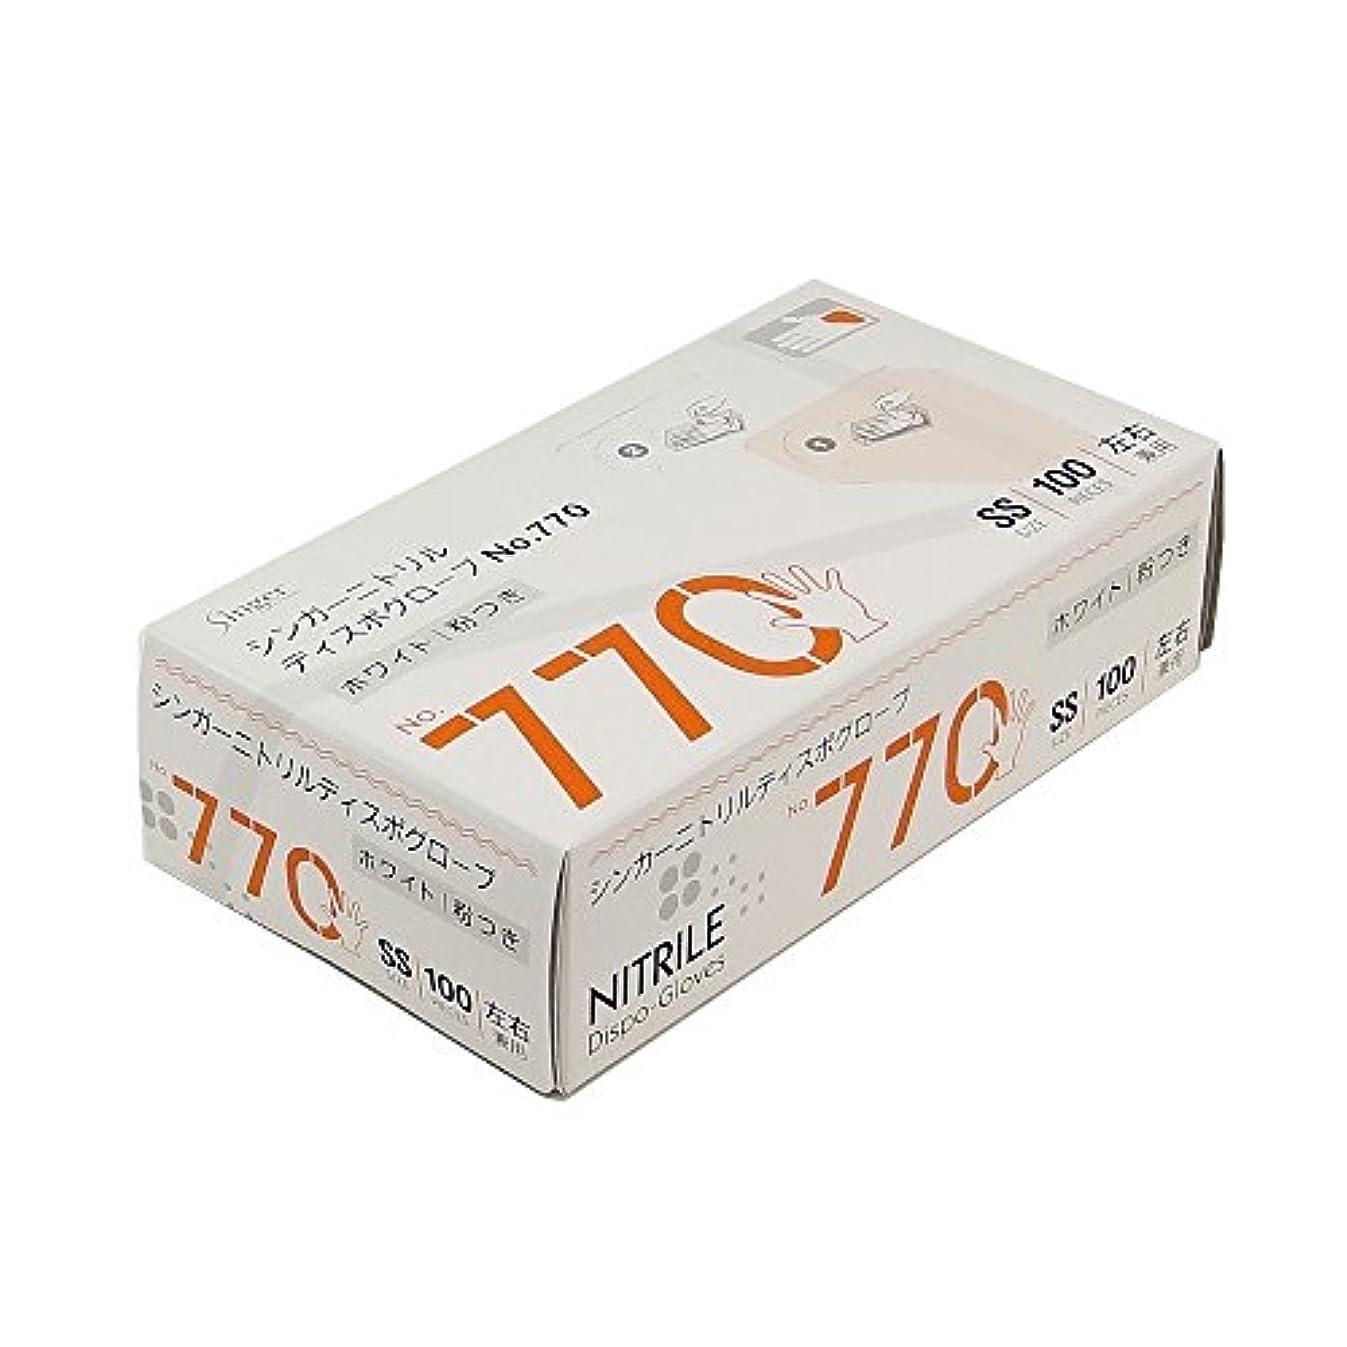 有益な枠発火する宇都宮製作 ディスポ手袋 シンガーニトリルディスポグローブ No.770 ホワイト 粉付 100枚入  SS